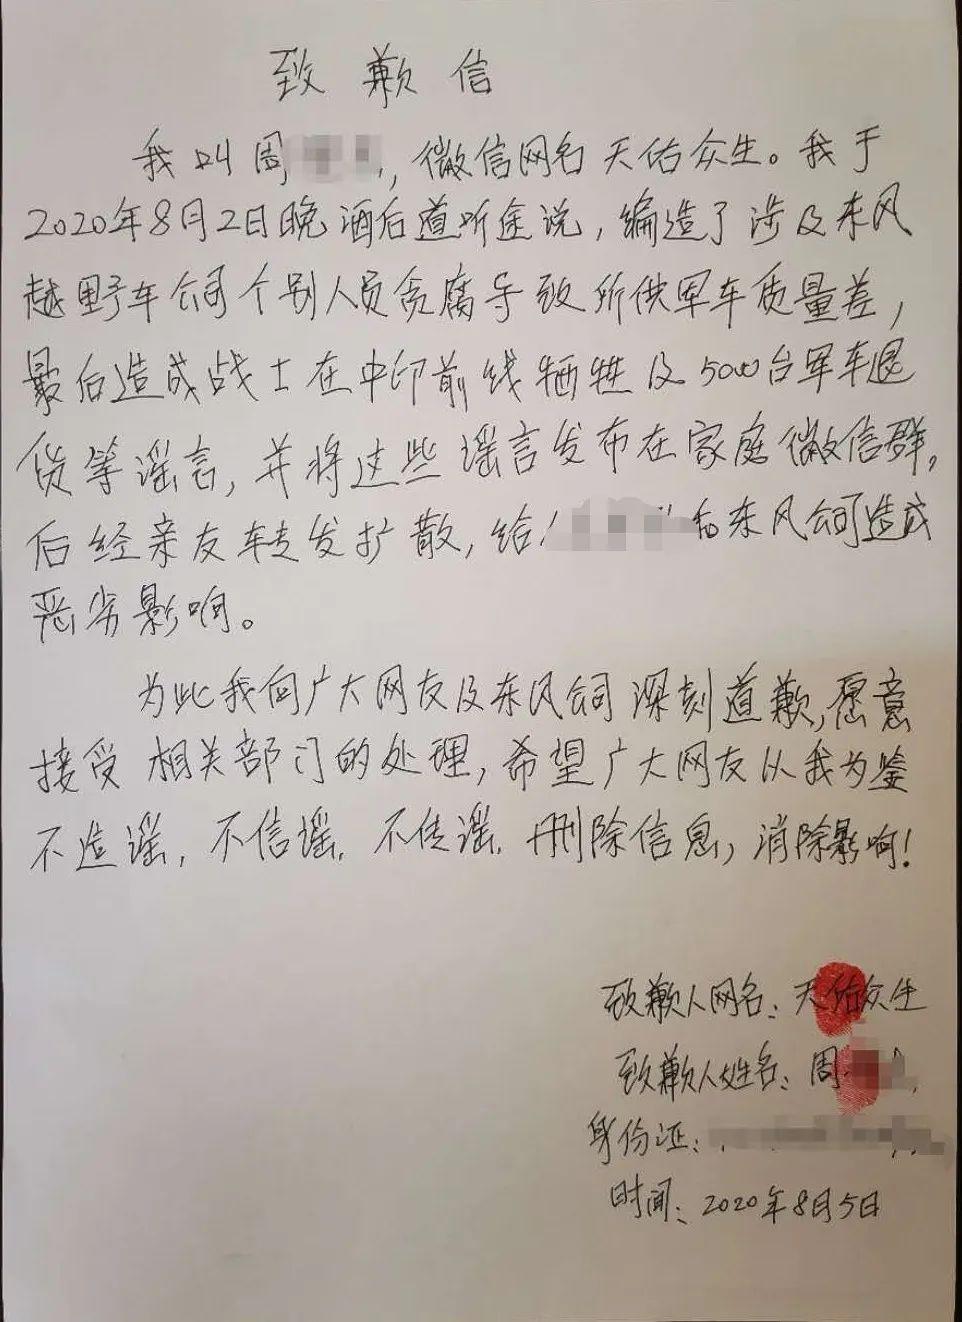 """【国产亚洲香蕉精彩视频3】_网民造谣""""东风军车质量差导致前线战士牺牲"""" 已被抓获"""